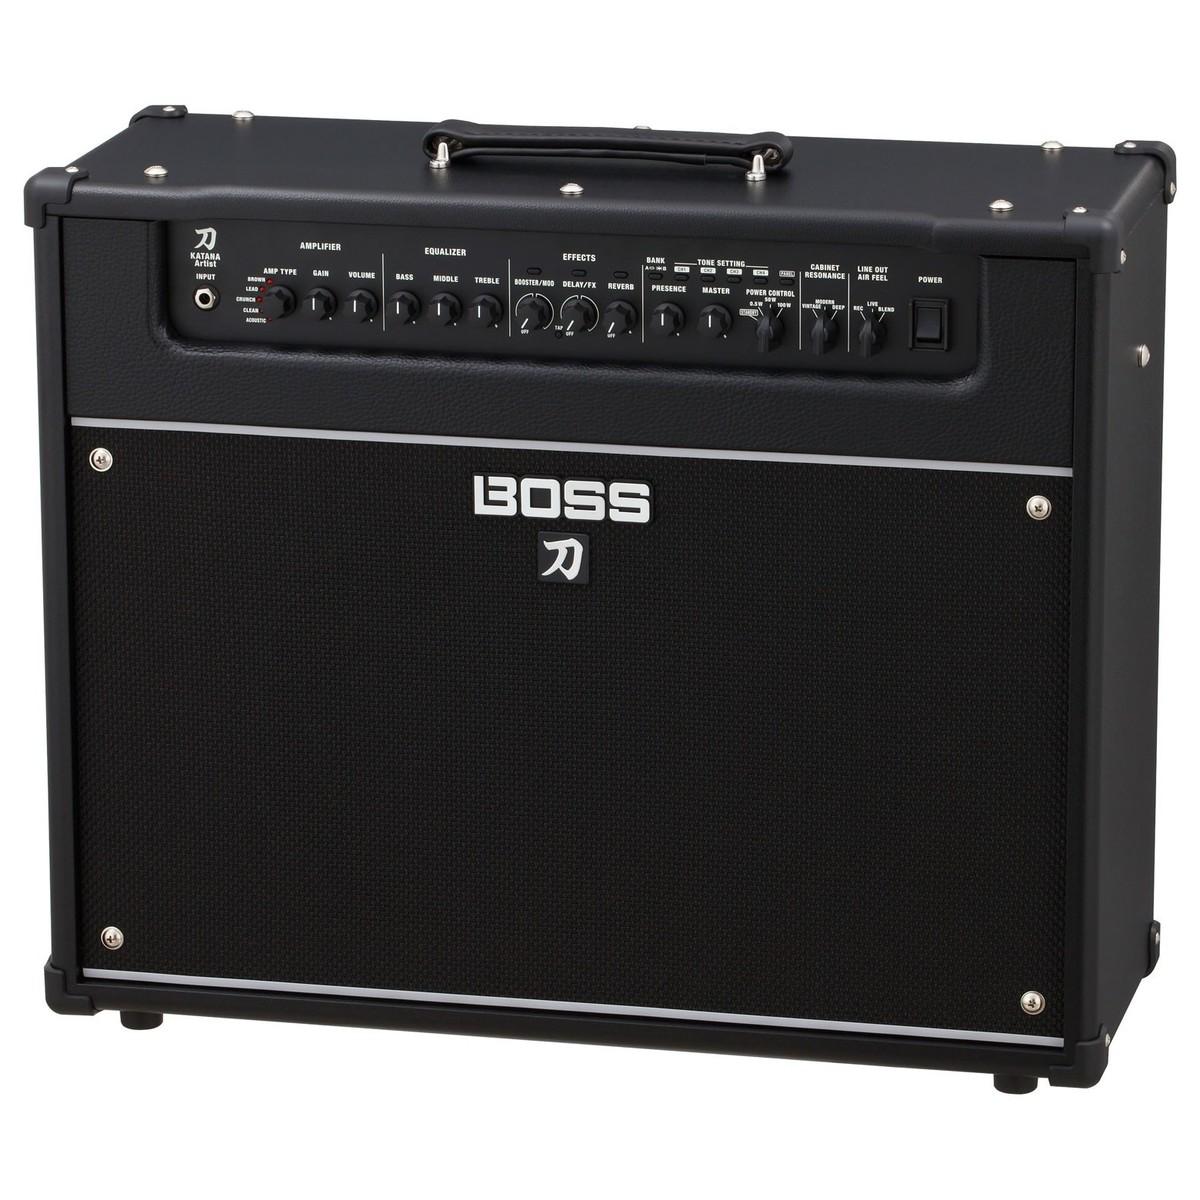 boss katana artist combo guitar amplifier at gear4music. Black Bedroom Furniture Sets. Home Design Ideas